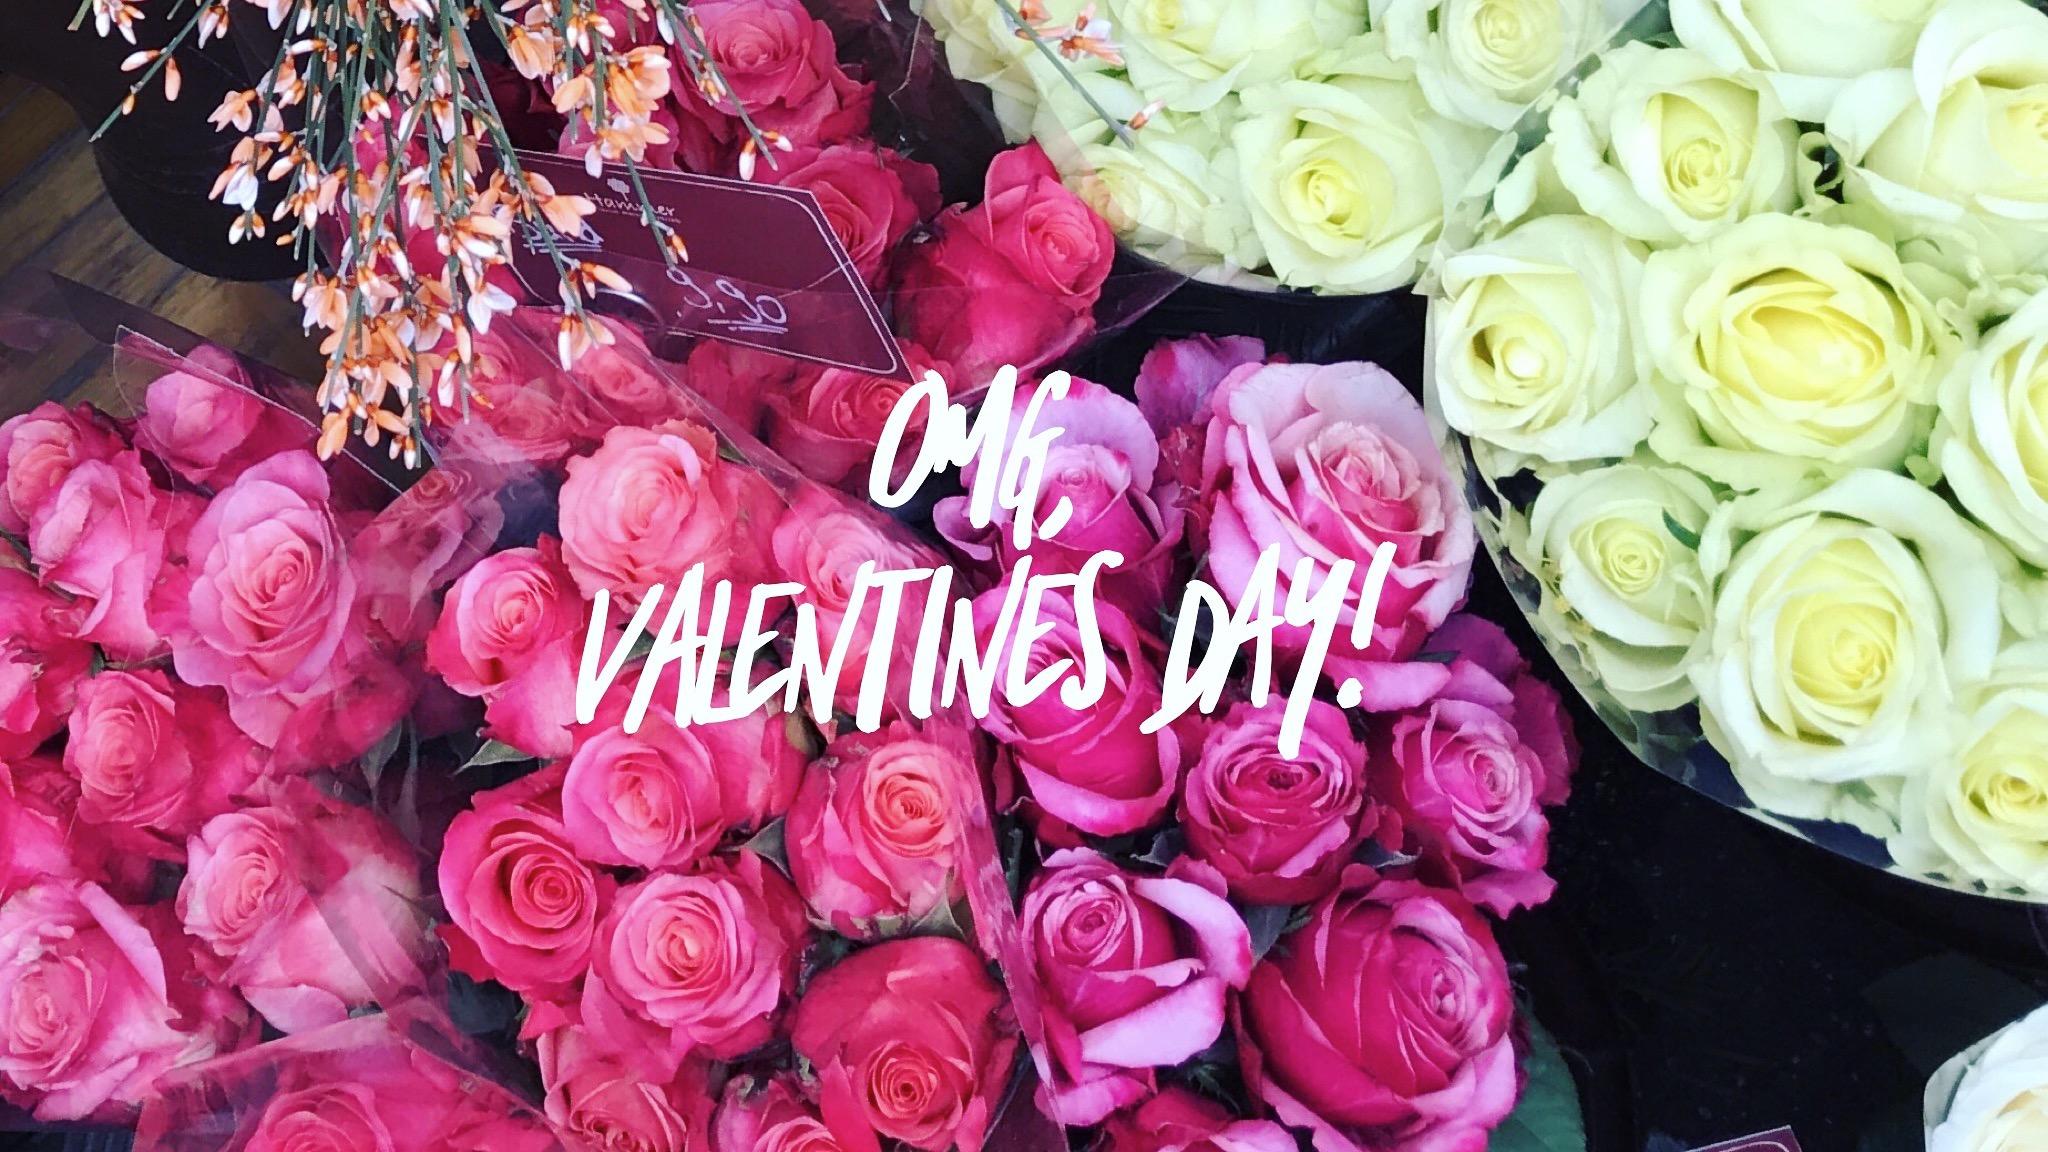 @feschaks's cover photo for 'Happy Valentine's Day! 🌹 #OMG   @feschaks'